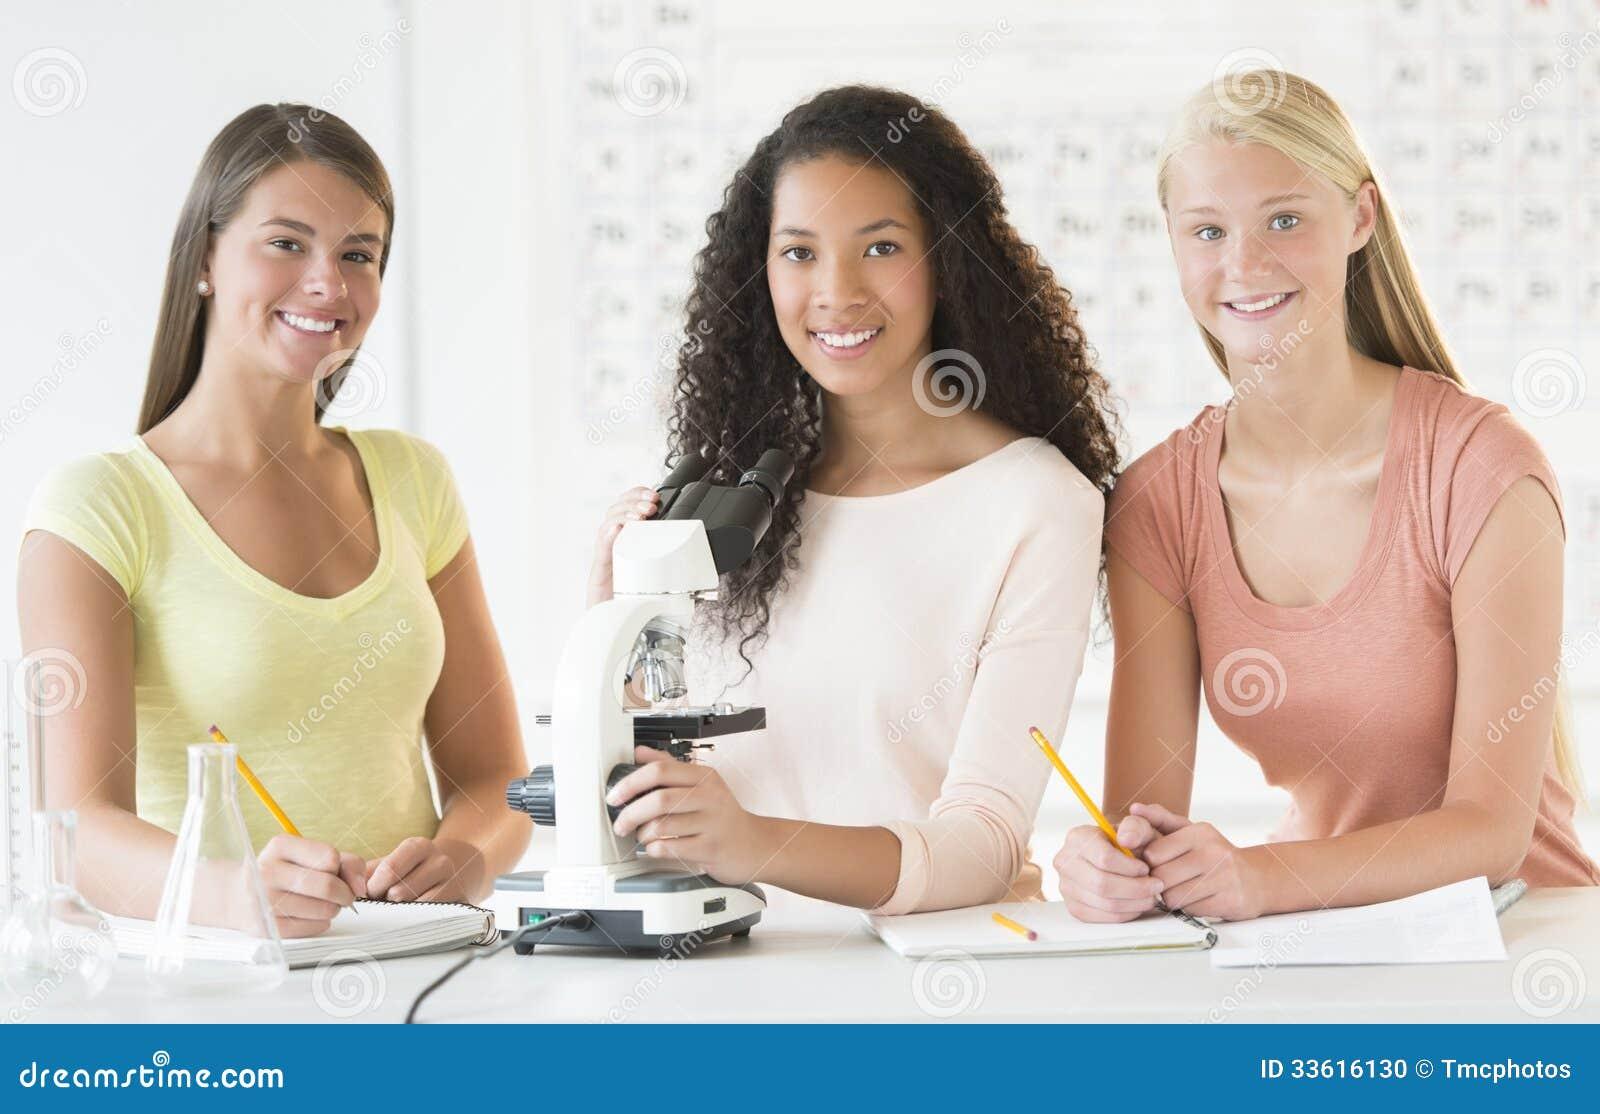 Jugendlichen mit mikroskop am schreibtisch im chemieunterricht